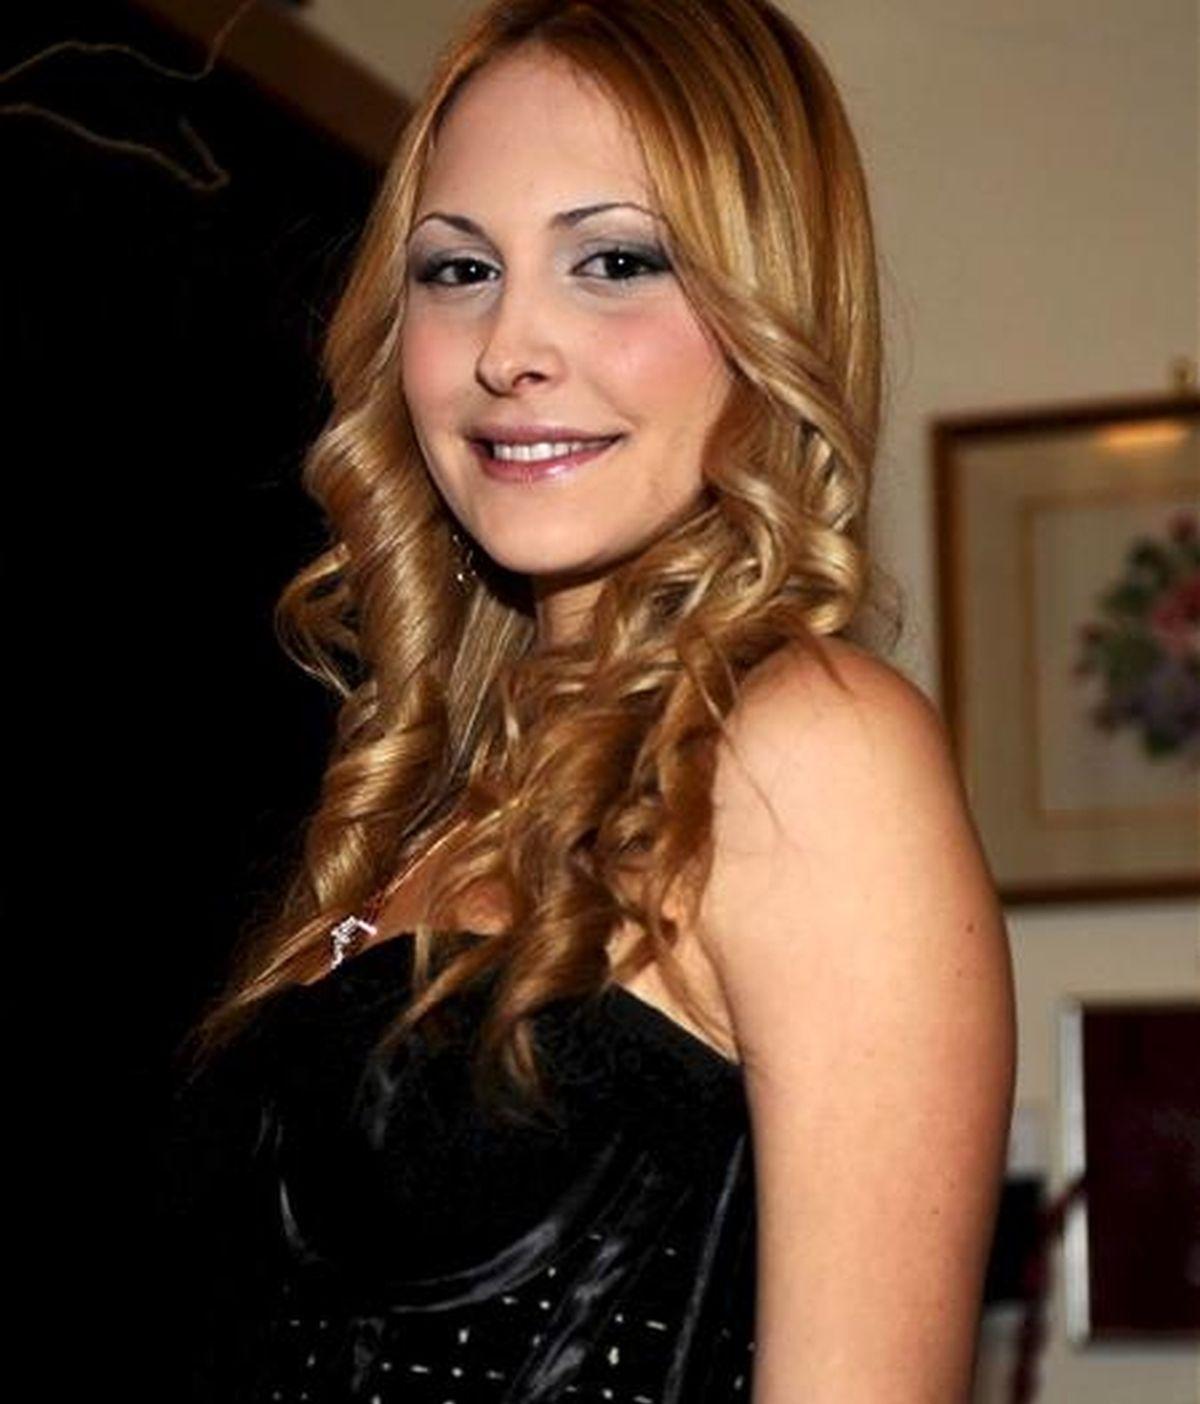 Noemí Letizia, la joven cuyo 18 cumpleaños ha desencadenado el divorcio de Silvio Berlusconi. EFE/Archivo